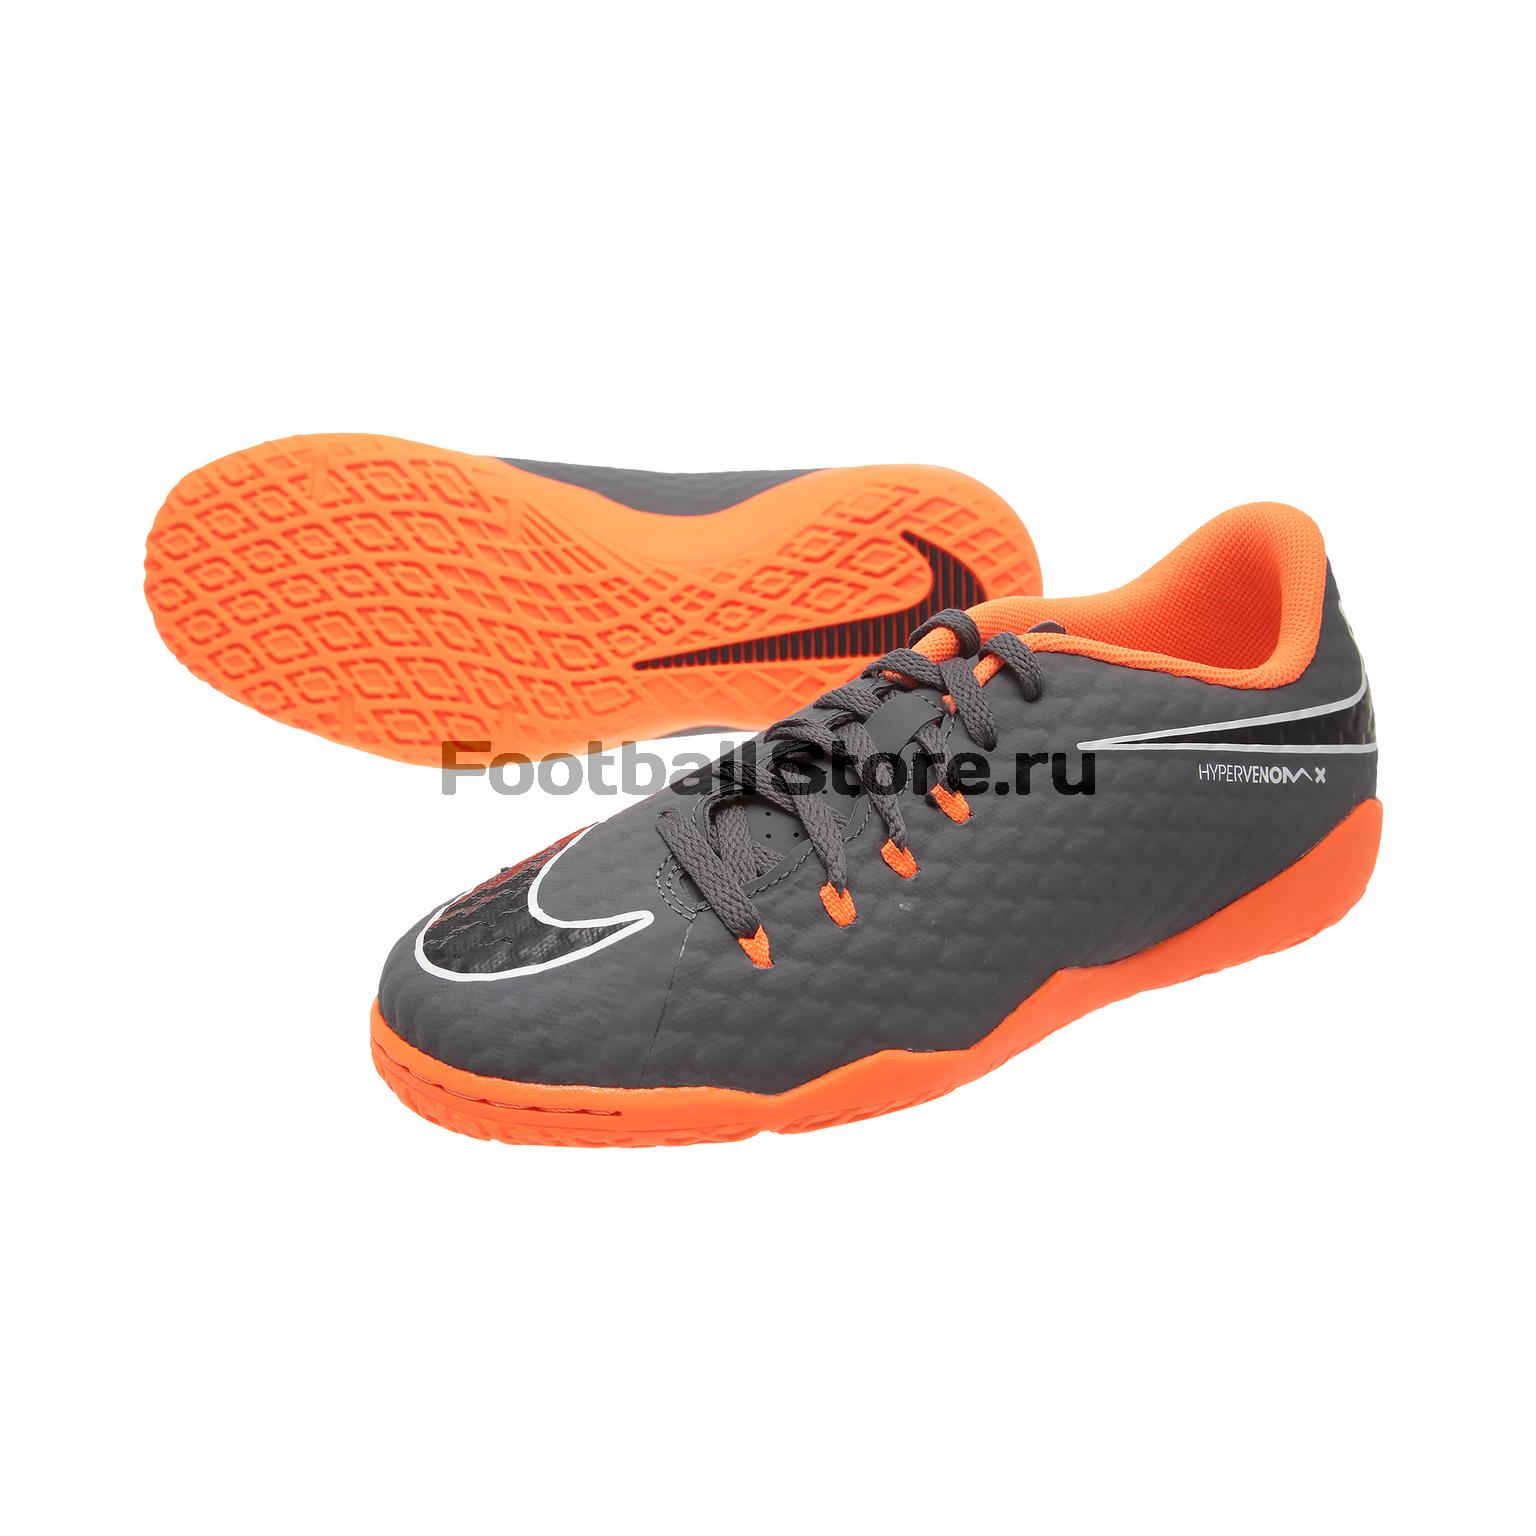 Обувь для зала Nike JR PhantomX 3 Academy IC AH7295-081 детские бутсы nike бутсы nike jr phantom 3 elite df fg ah7292 081